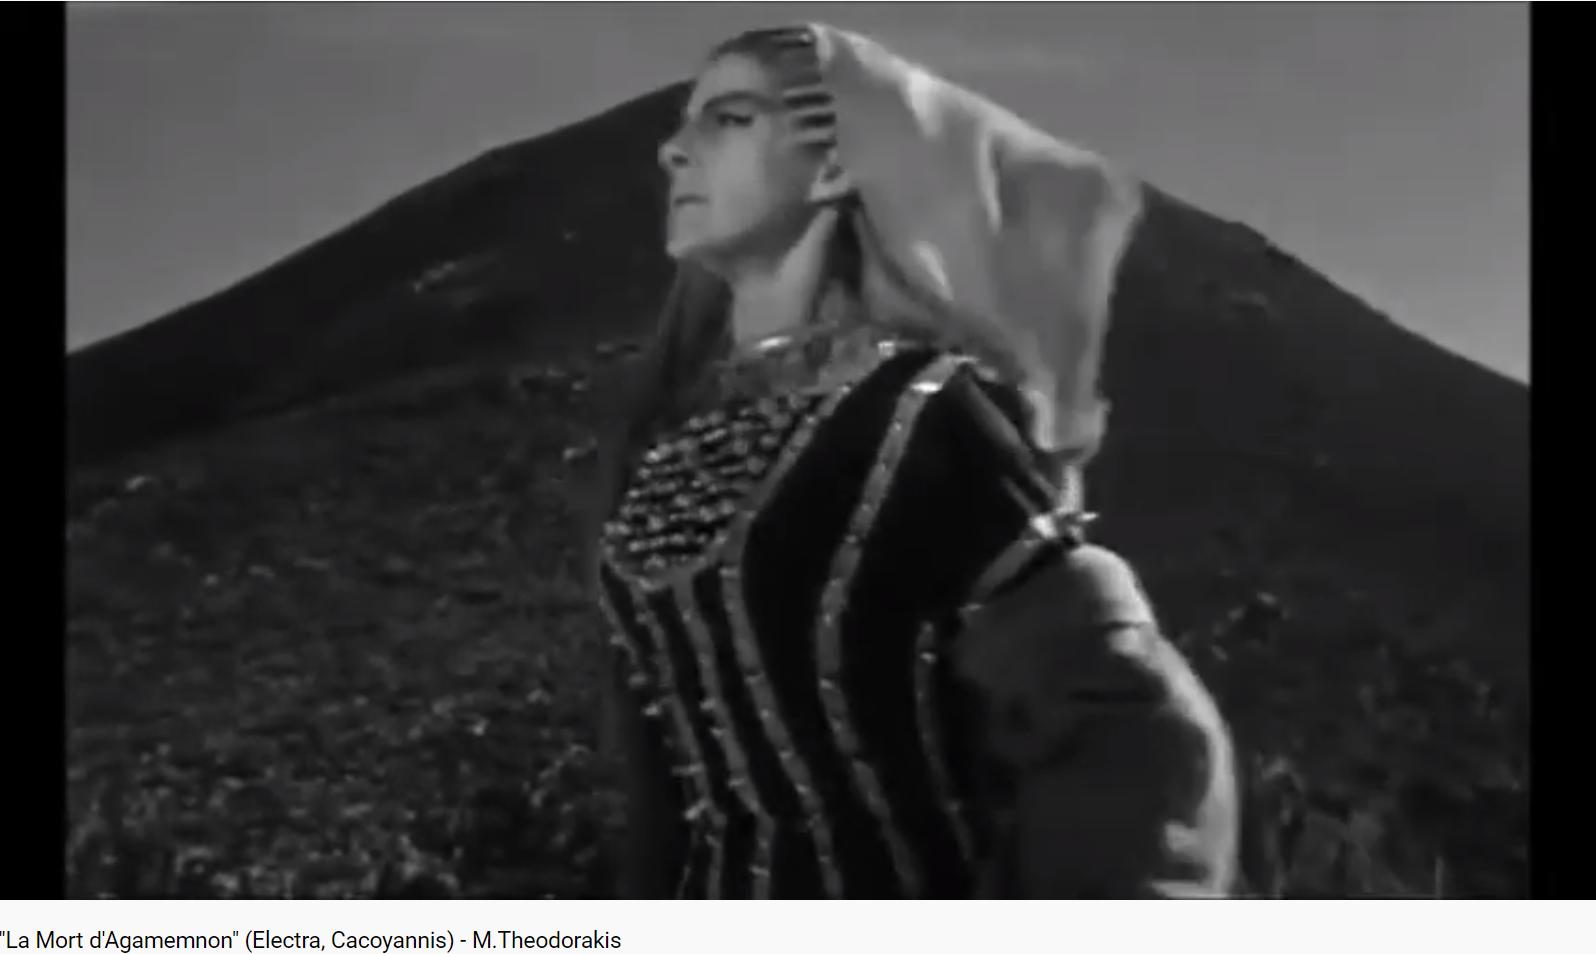 Théodorakis Electra